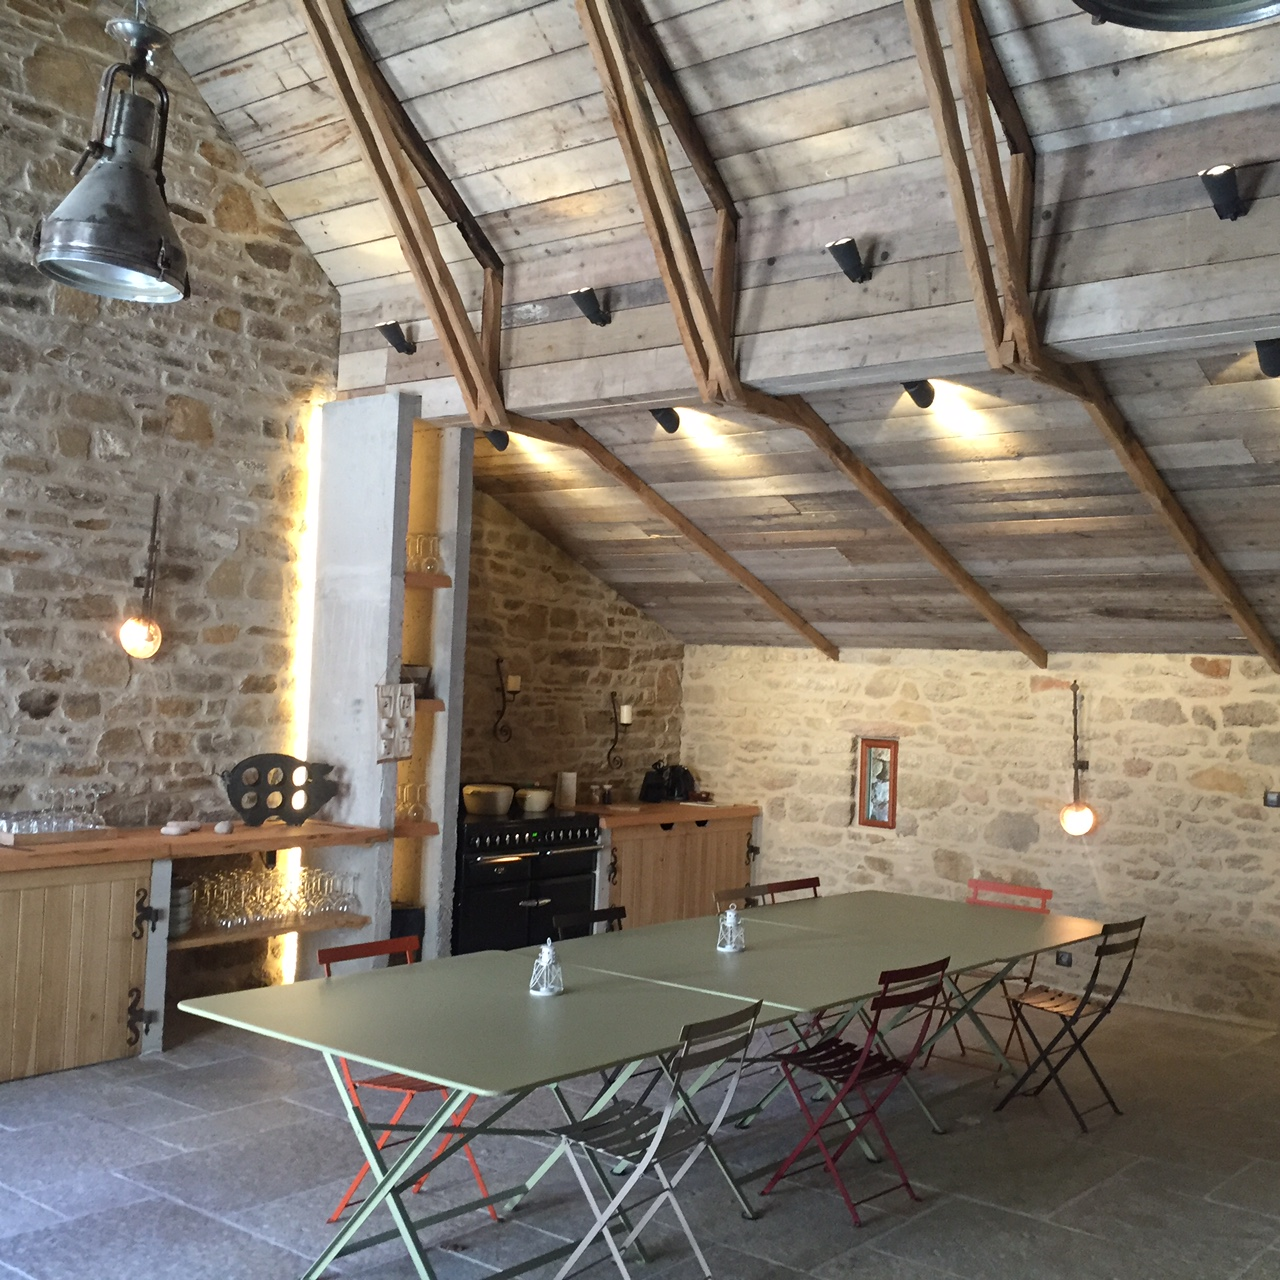 Habillage int rieur la grange bois - Habillage bois interieur ...